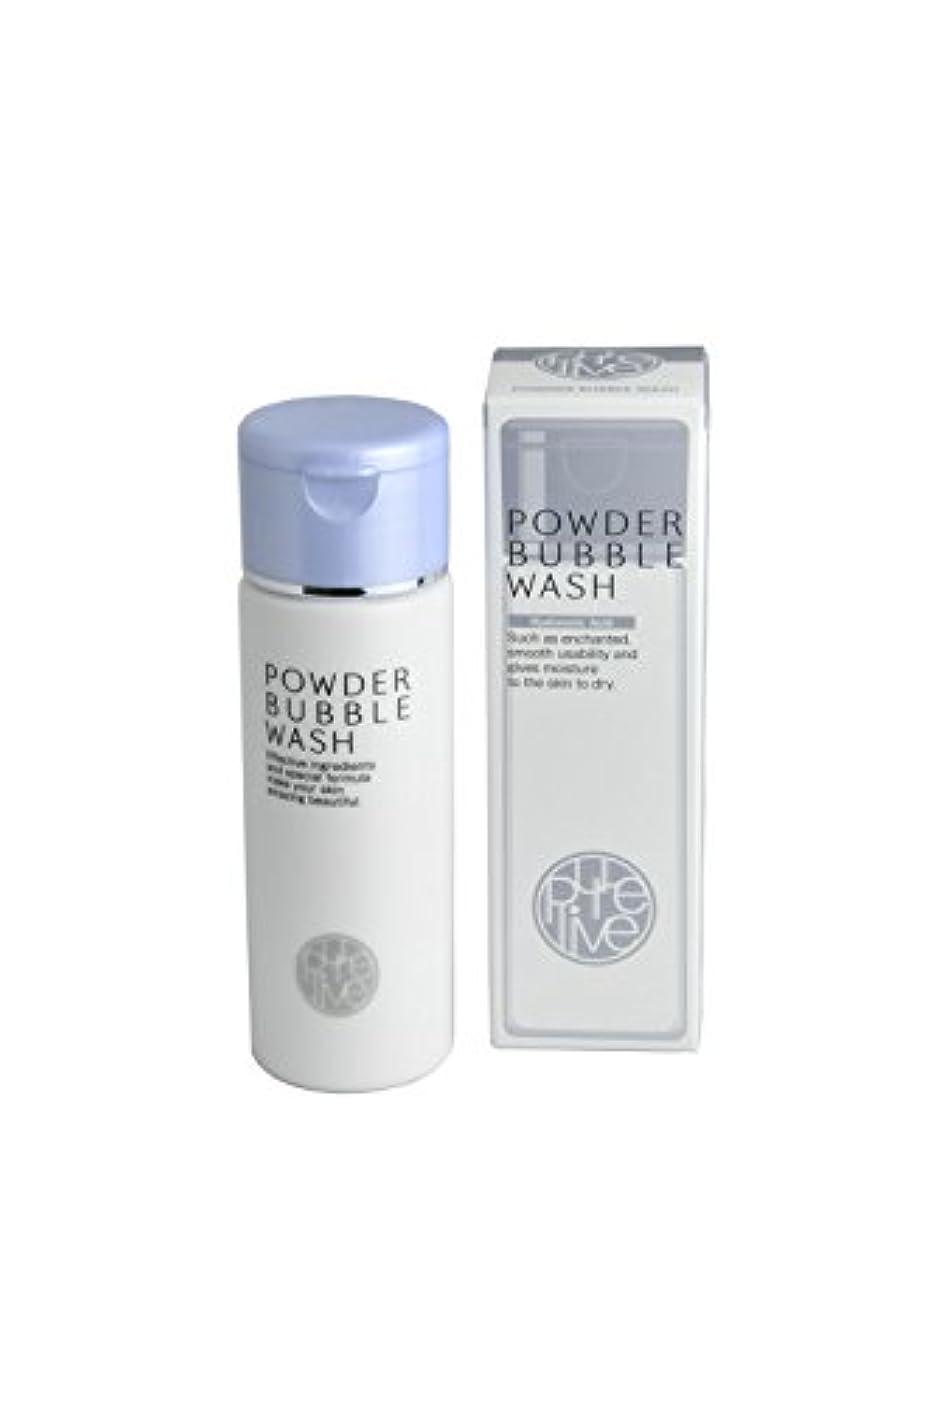 作りキャプチャー乱用[PURELIVE] パウダー バブル ウォッシュ Powder Bubble Wash (粉末洗顔料)‐KH762077